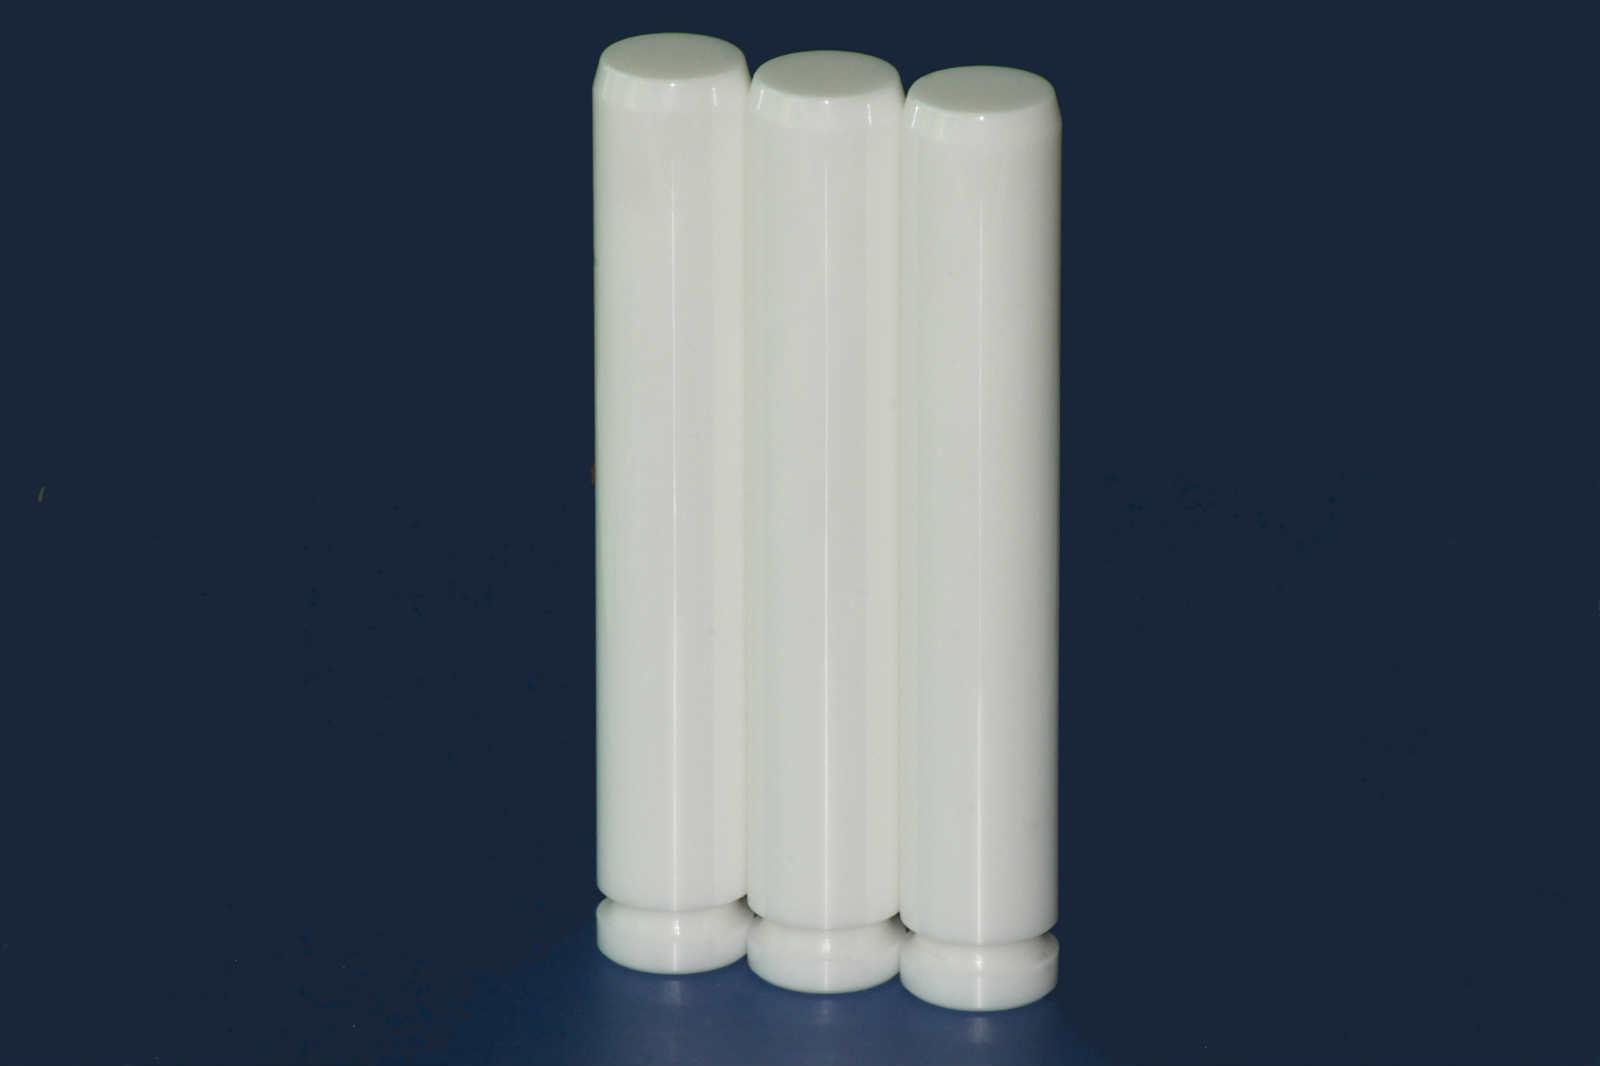 陶瓷棒加工厂家专业性哪家强,认准西陶精密氧化铝陶?#27801;?#23478;